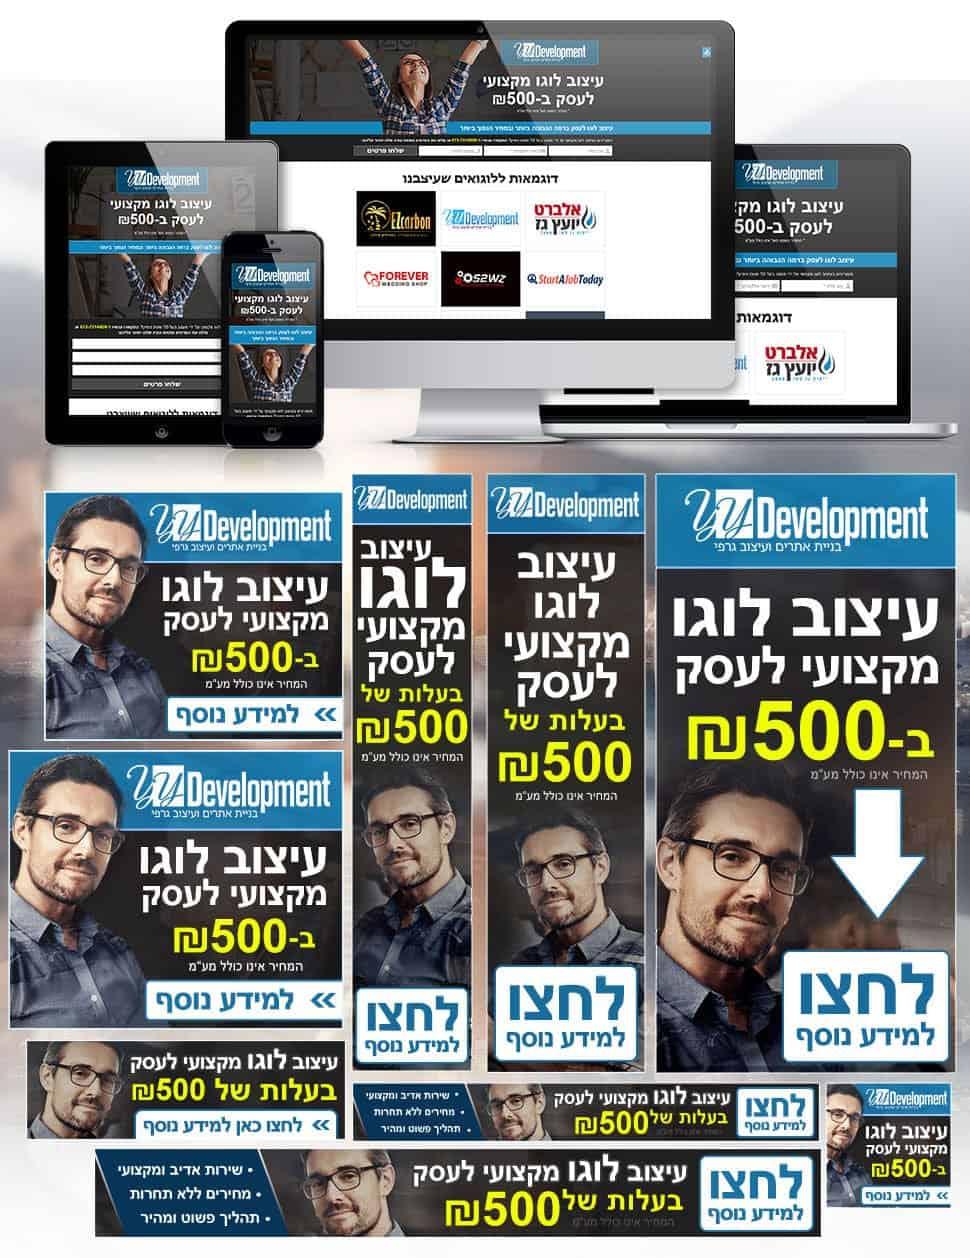 חבילת פרסום לעסקים בנושא עיצוב לוגו